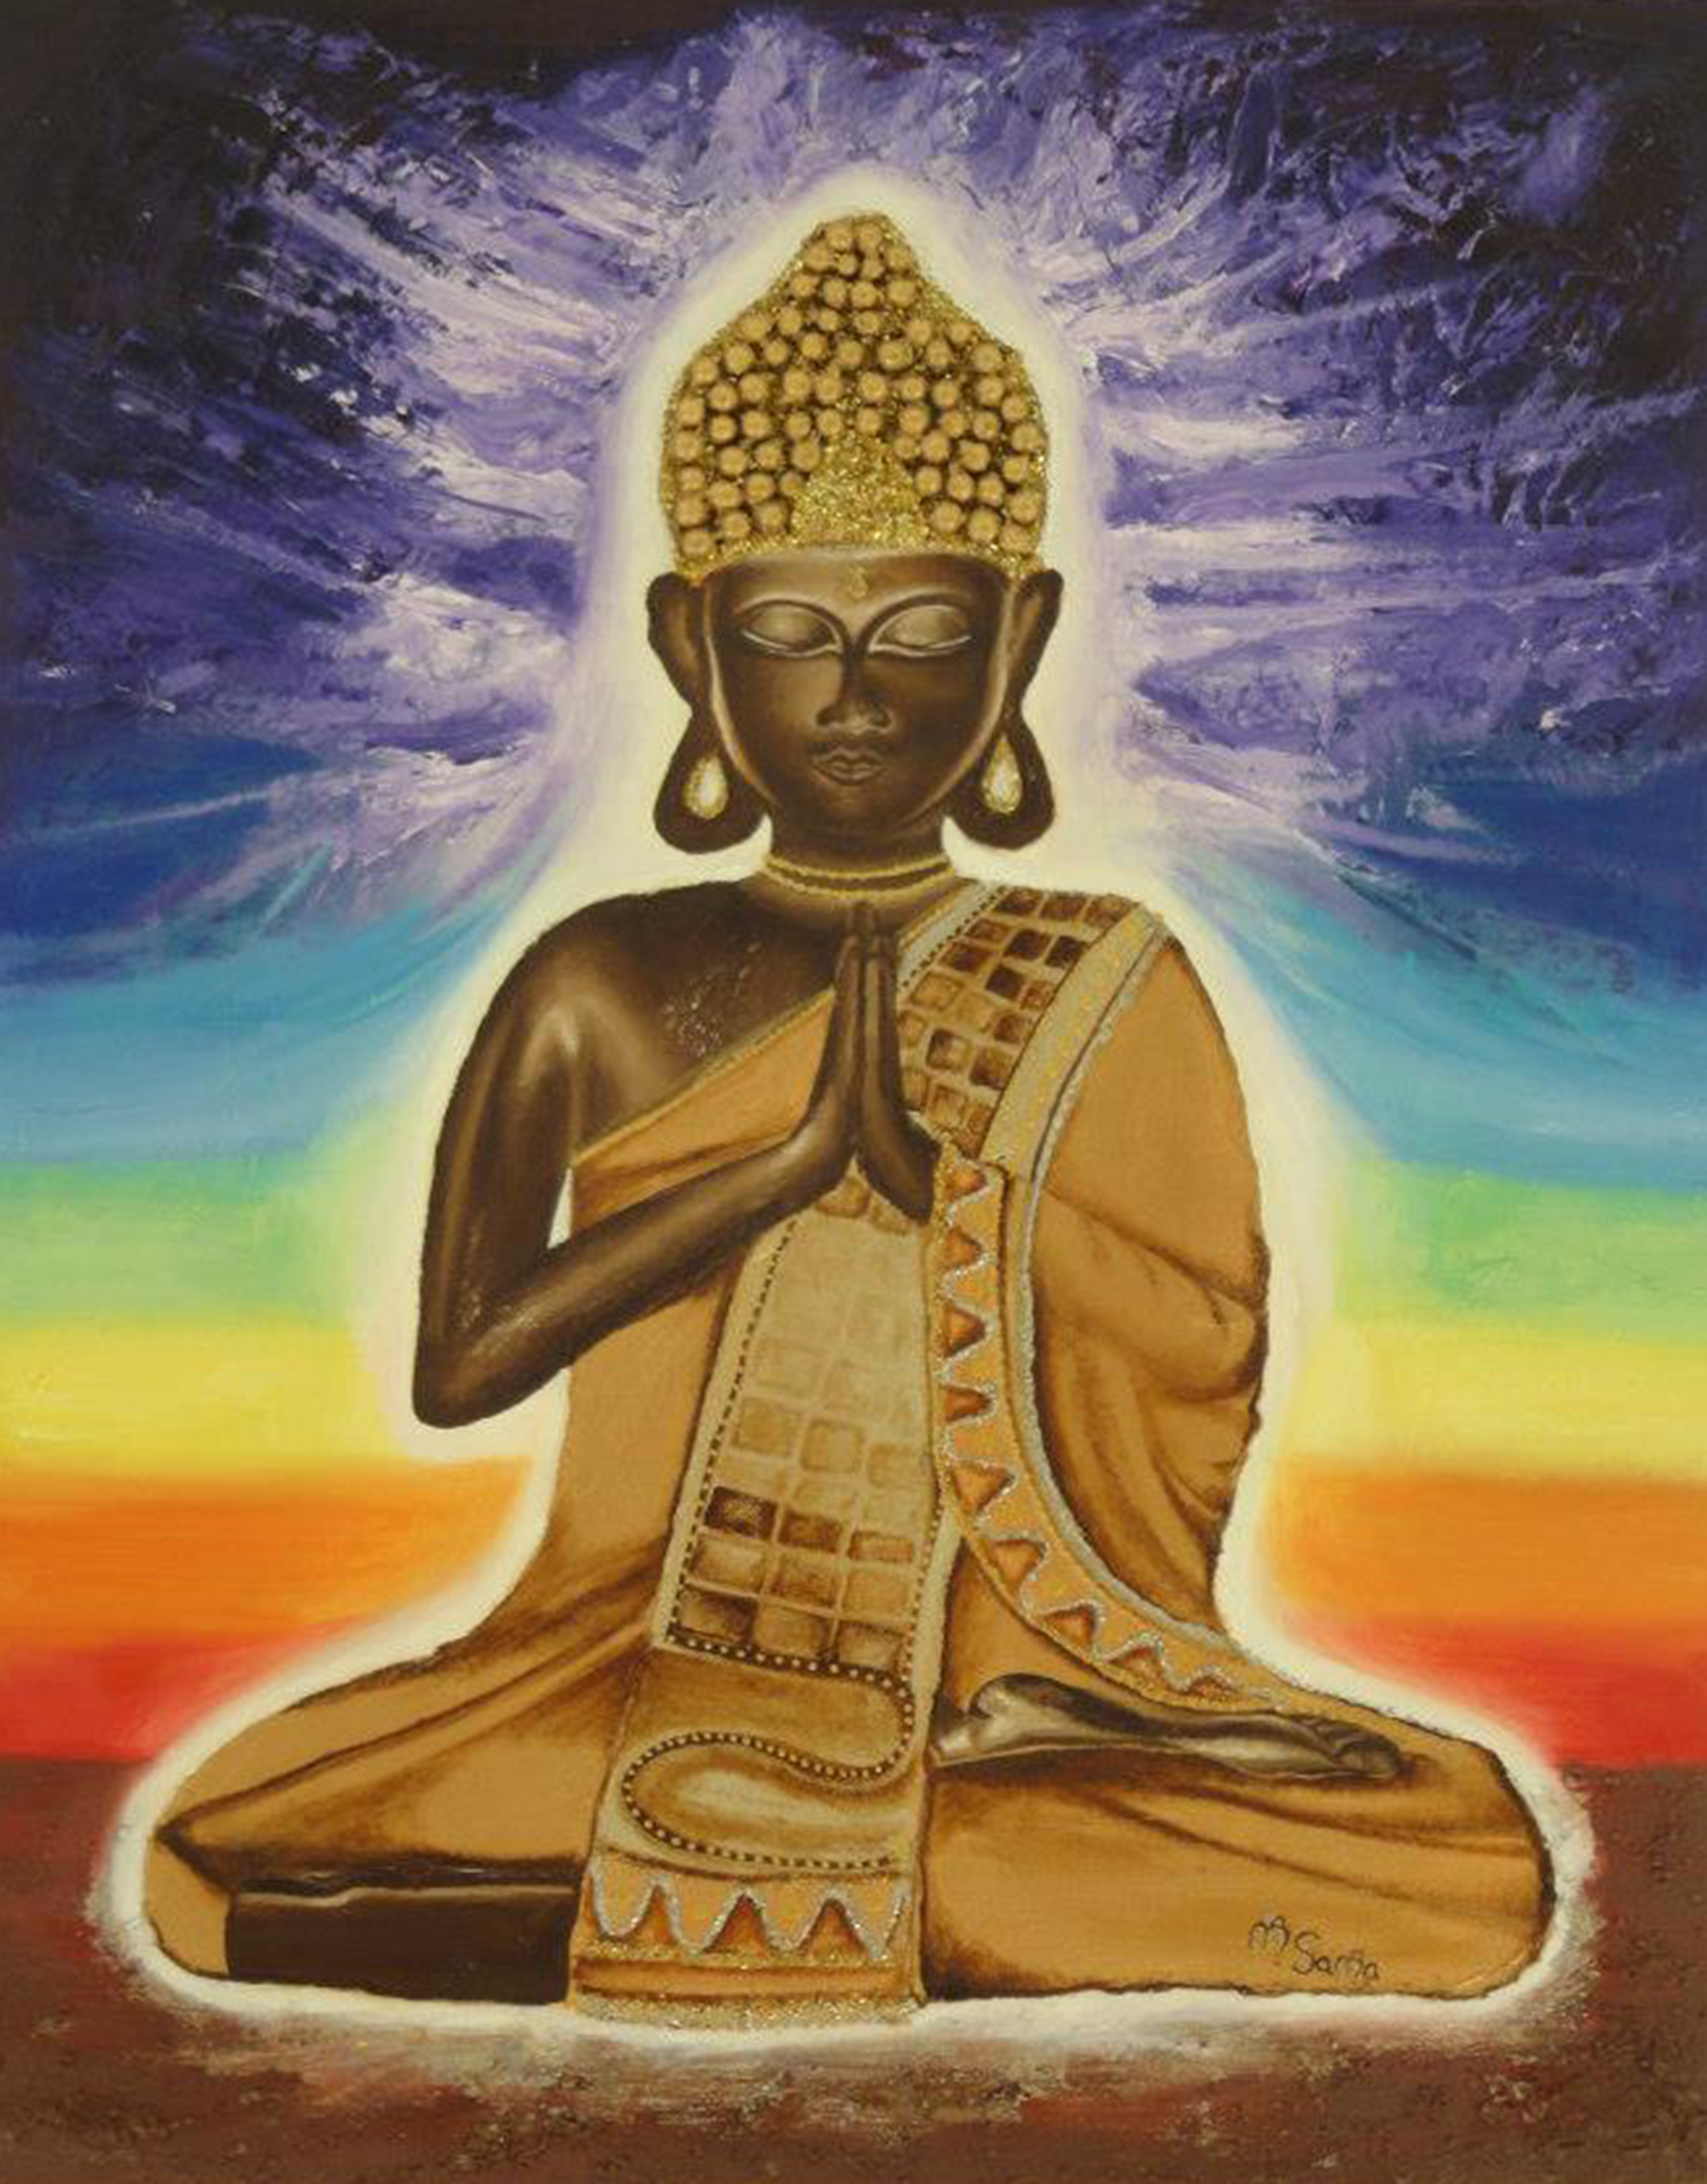 L'art de bien vivre, maître bouddha